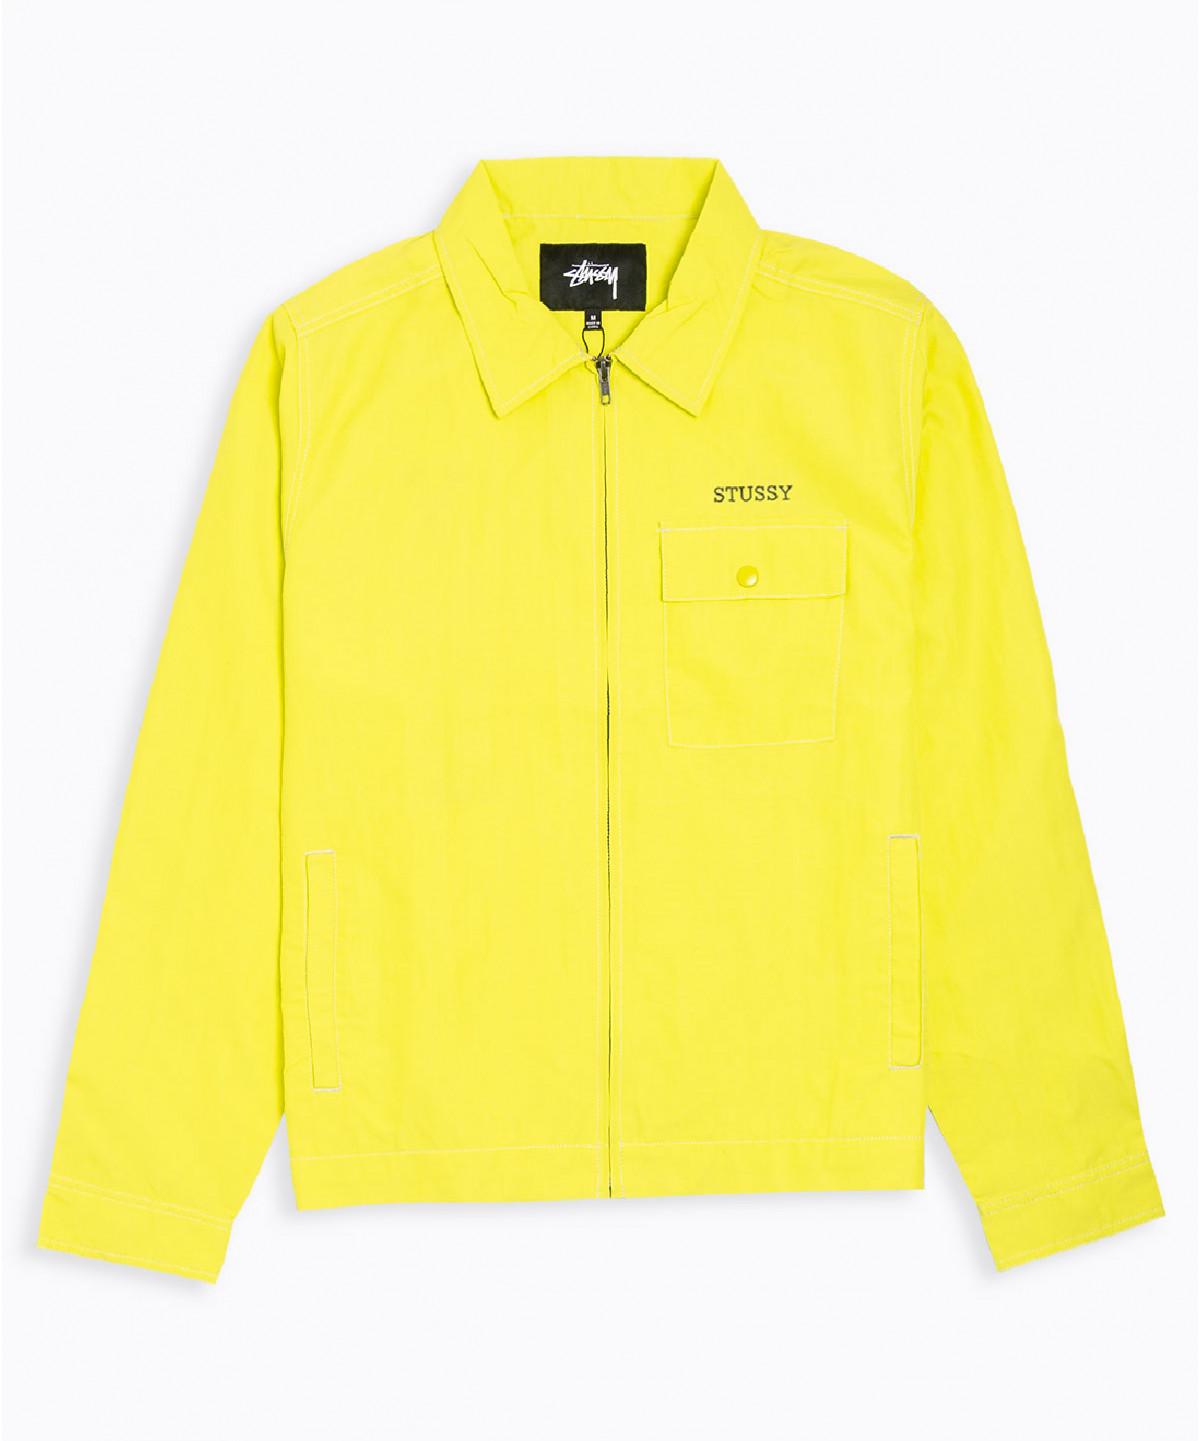 Stüssy | Nylon Zip Jacket (Yellow)